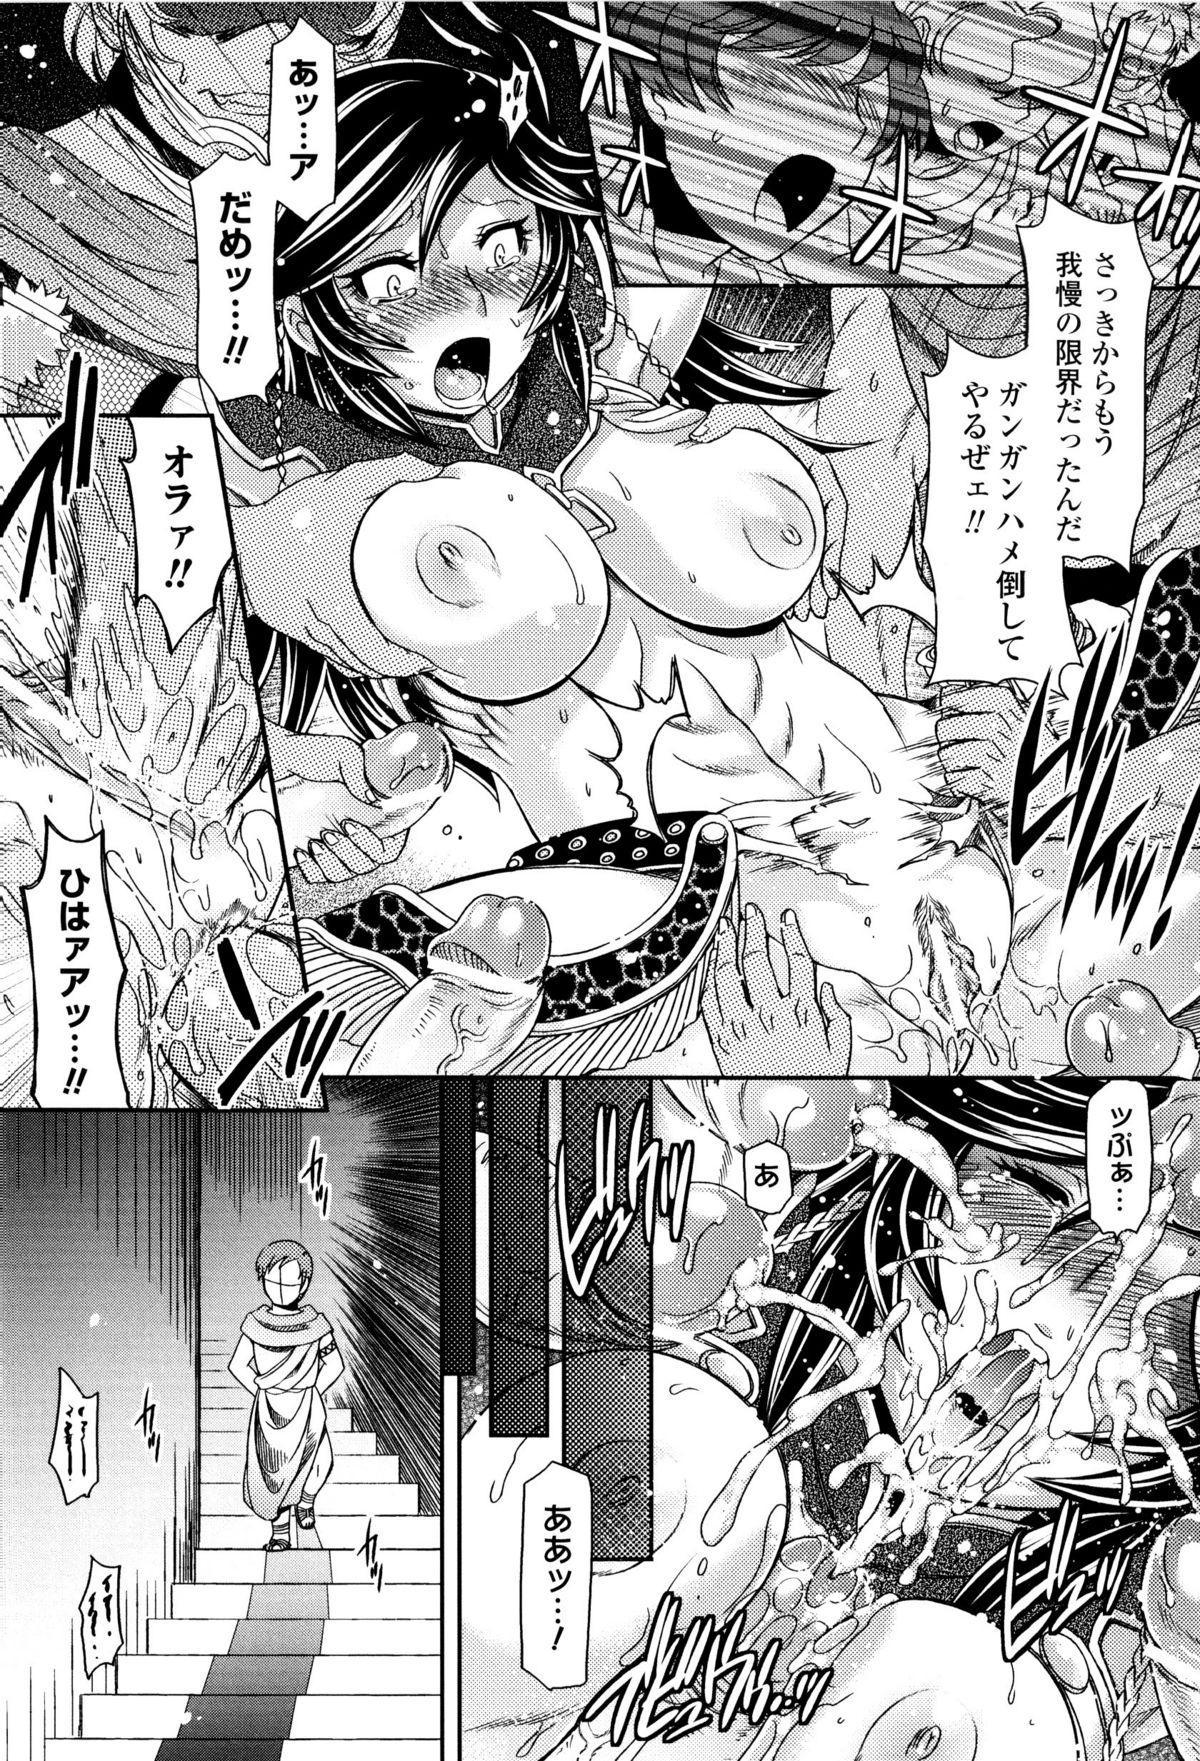 Toushin Engi Vol. 8 119